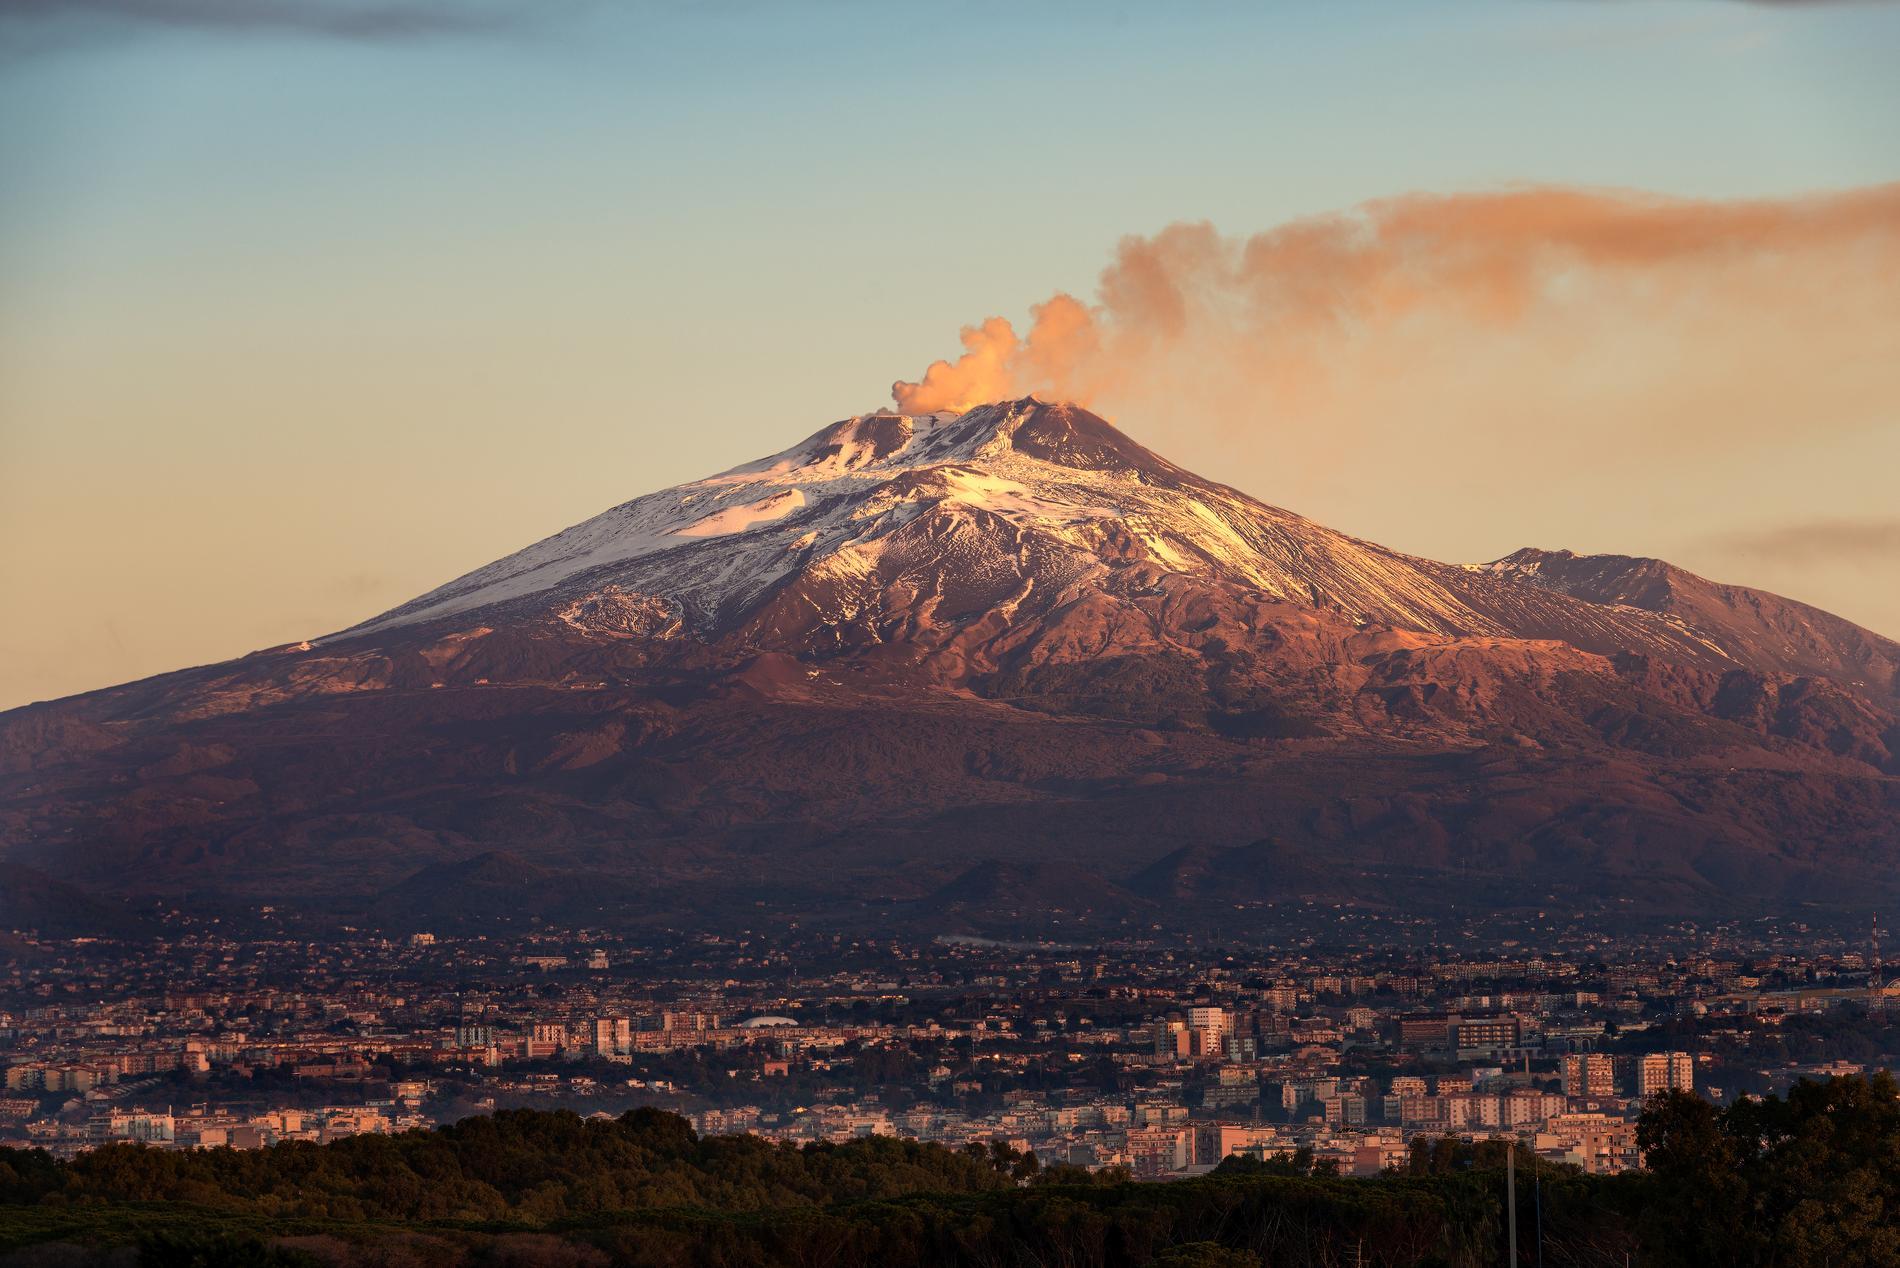 Vulkanen Etna är fortfarande aktiv, ändå är det möjligt att bestiga berget.